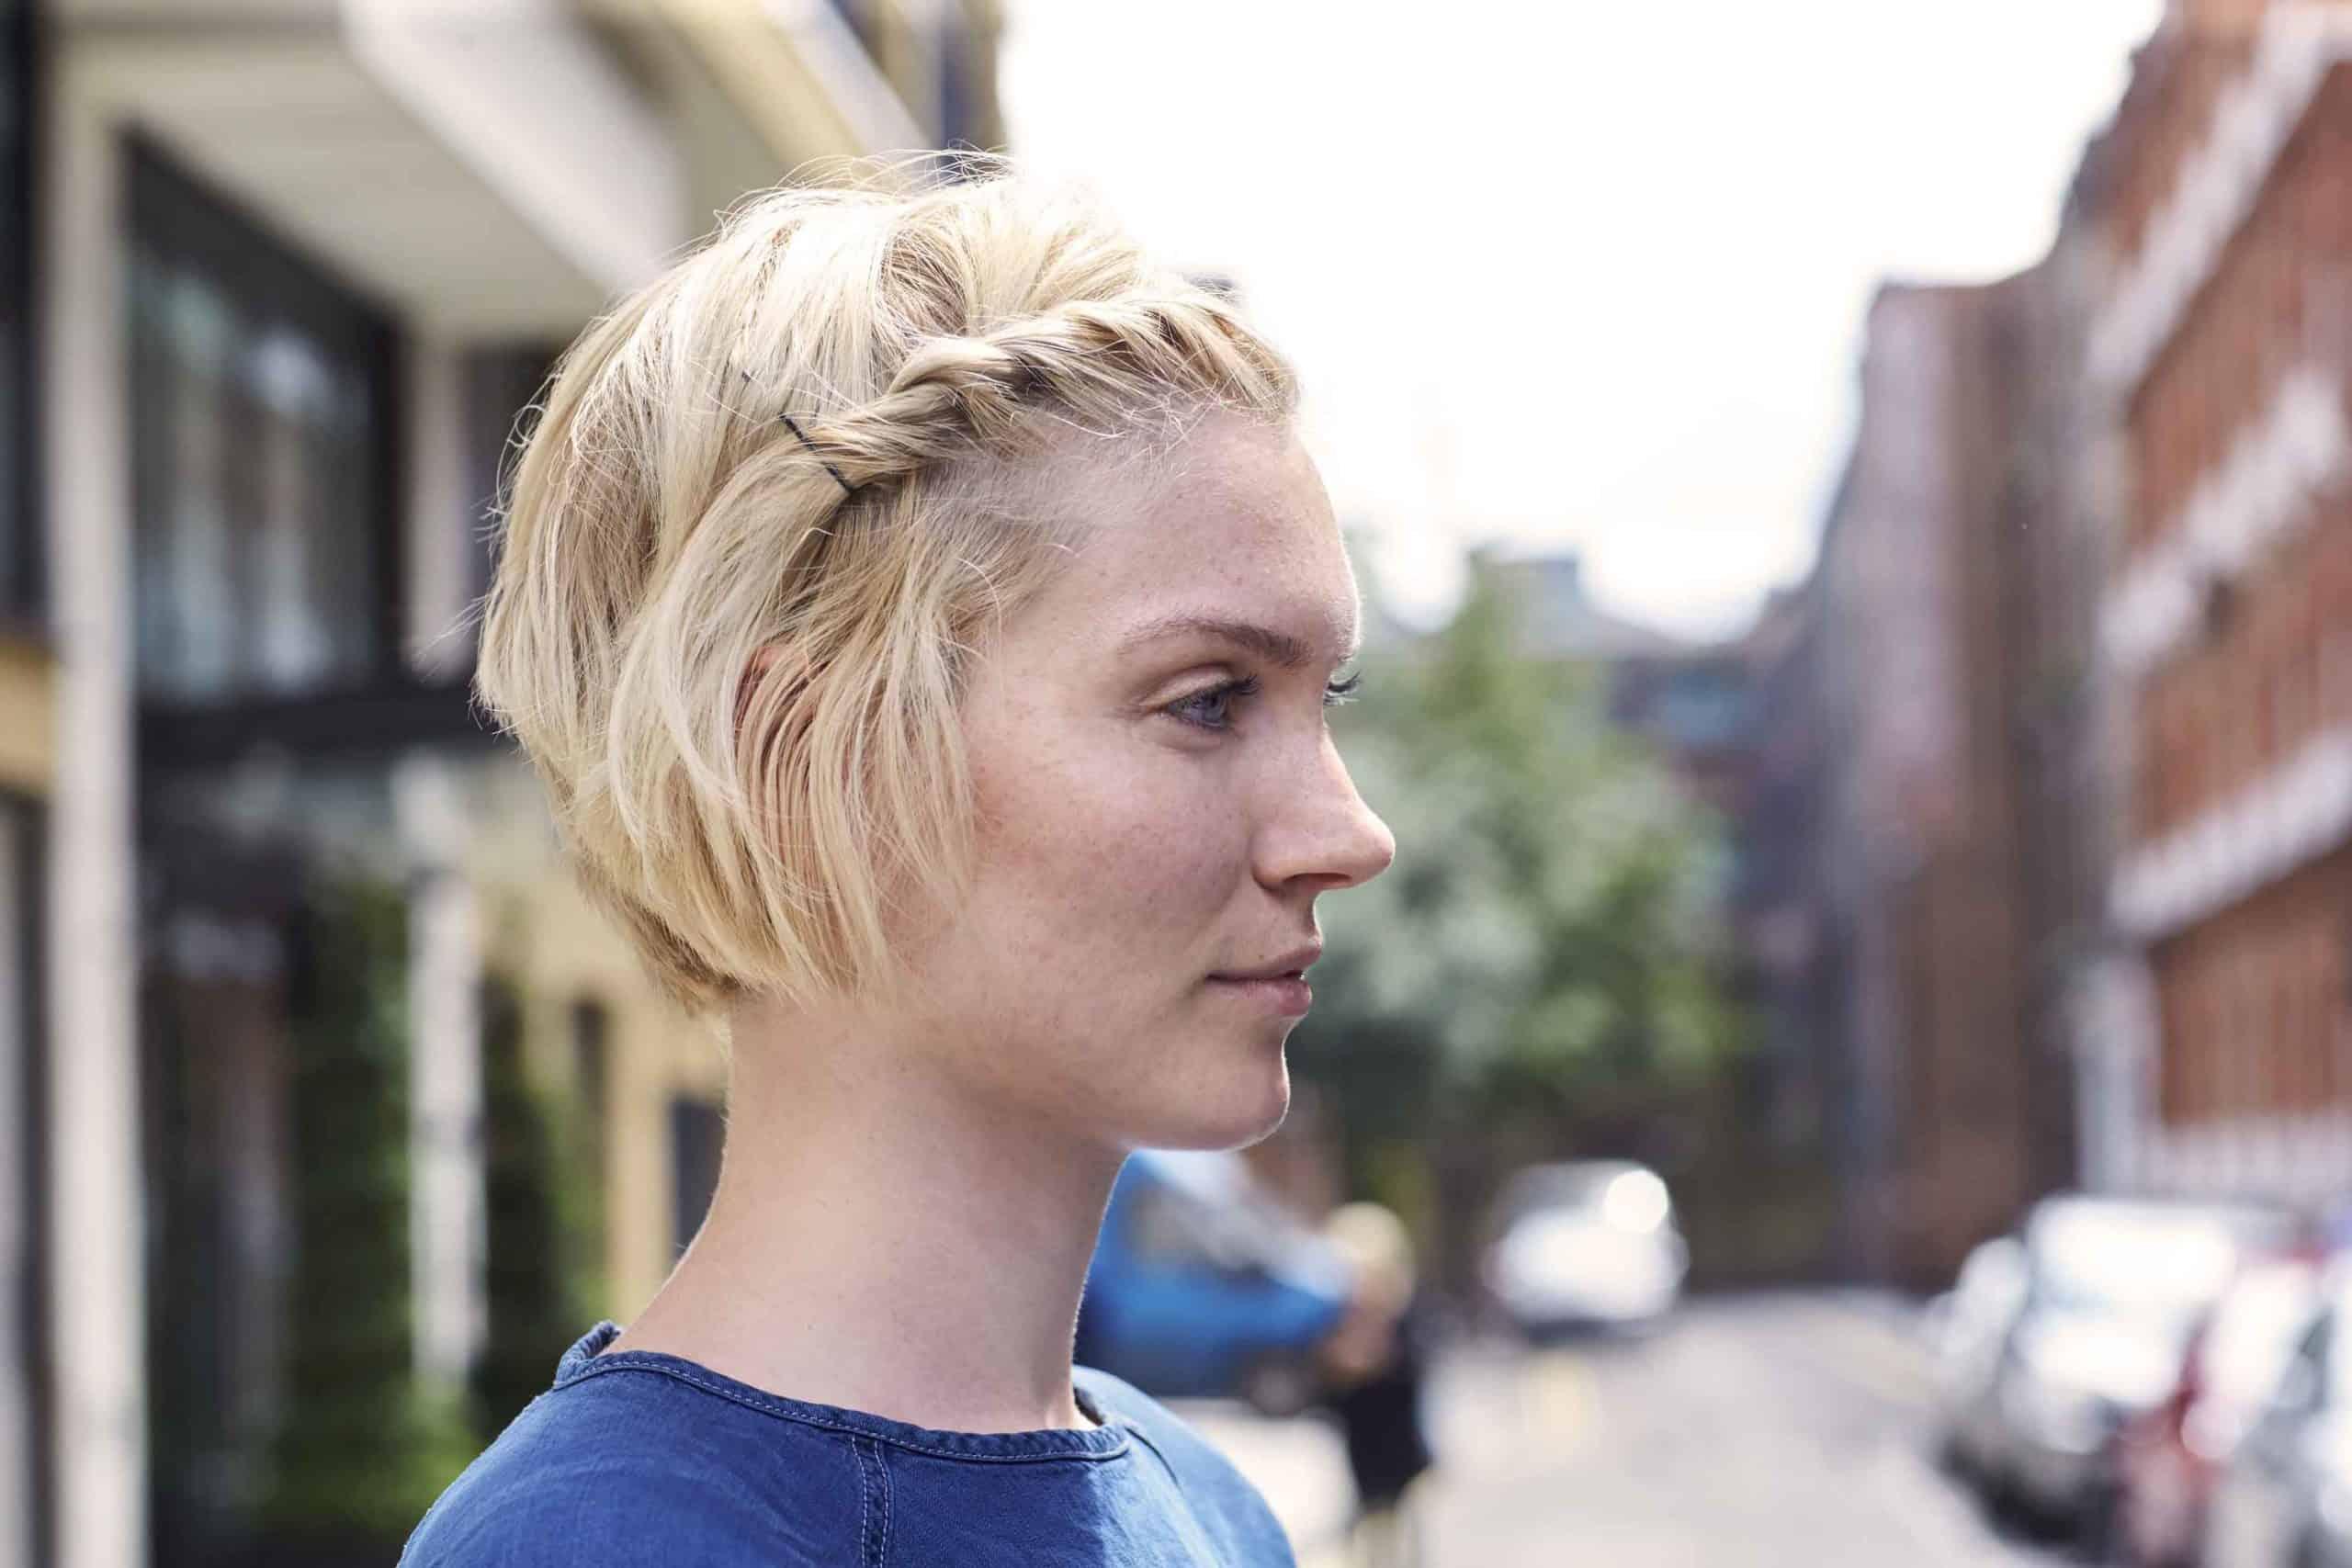 penteados fáceis cabelo curto